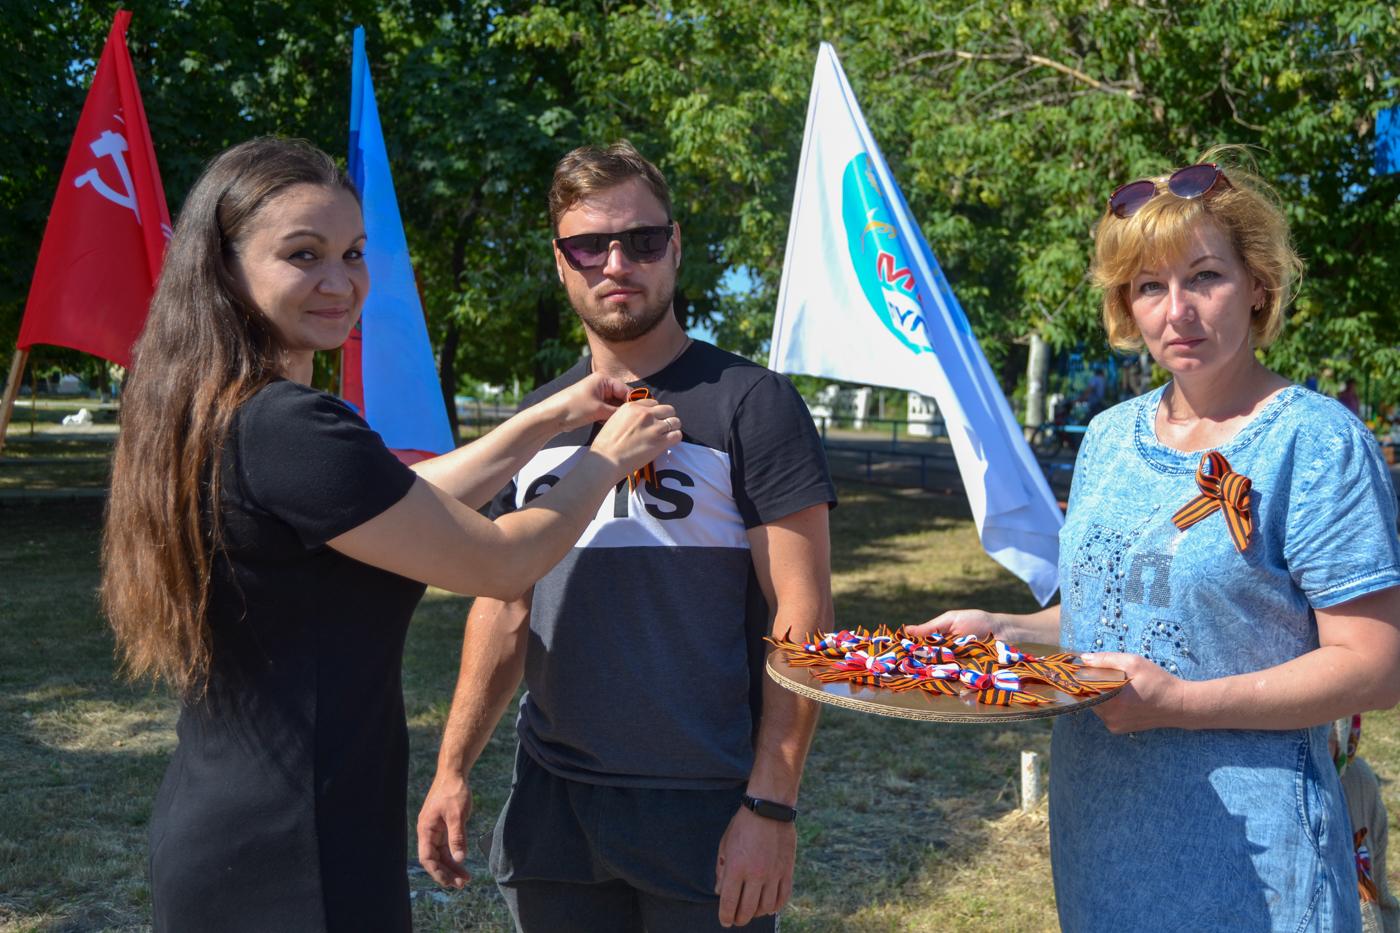 Активисты ОД «Мир Луганщине» поздравили жителей посёлка Фрунзе с 75-й годовщиной Победы в ВОВ